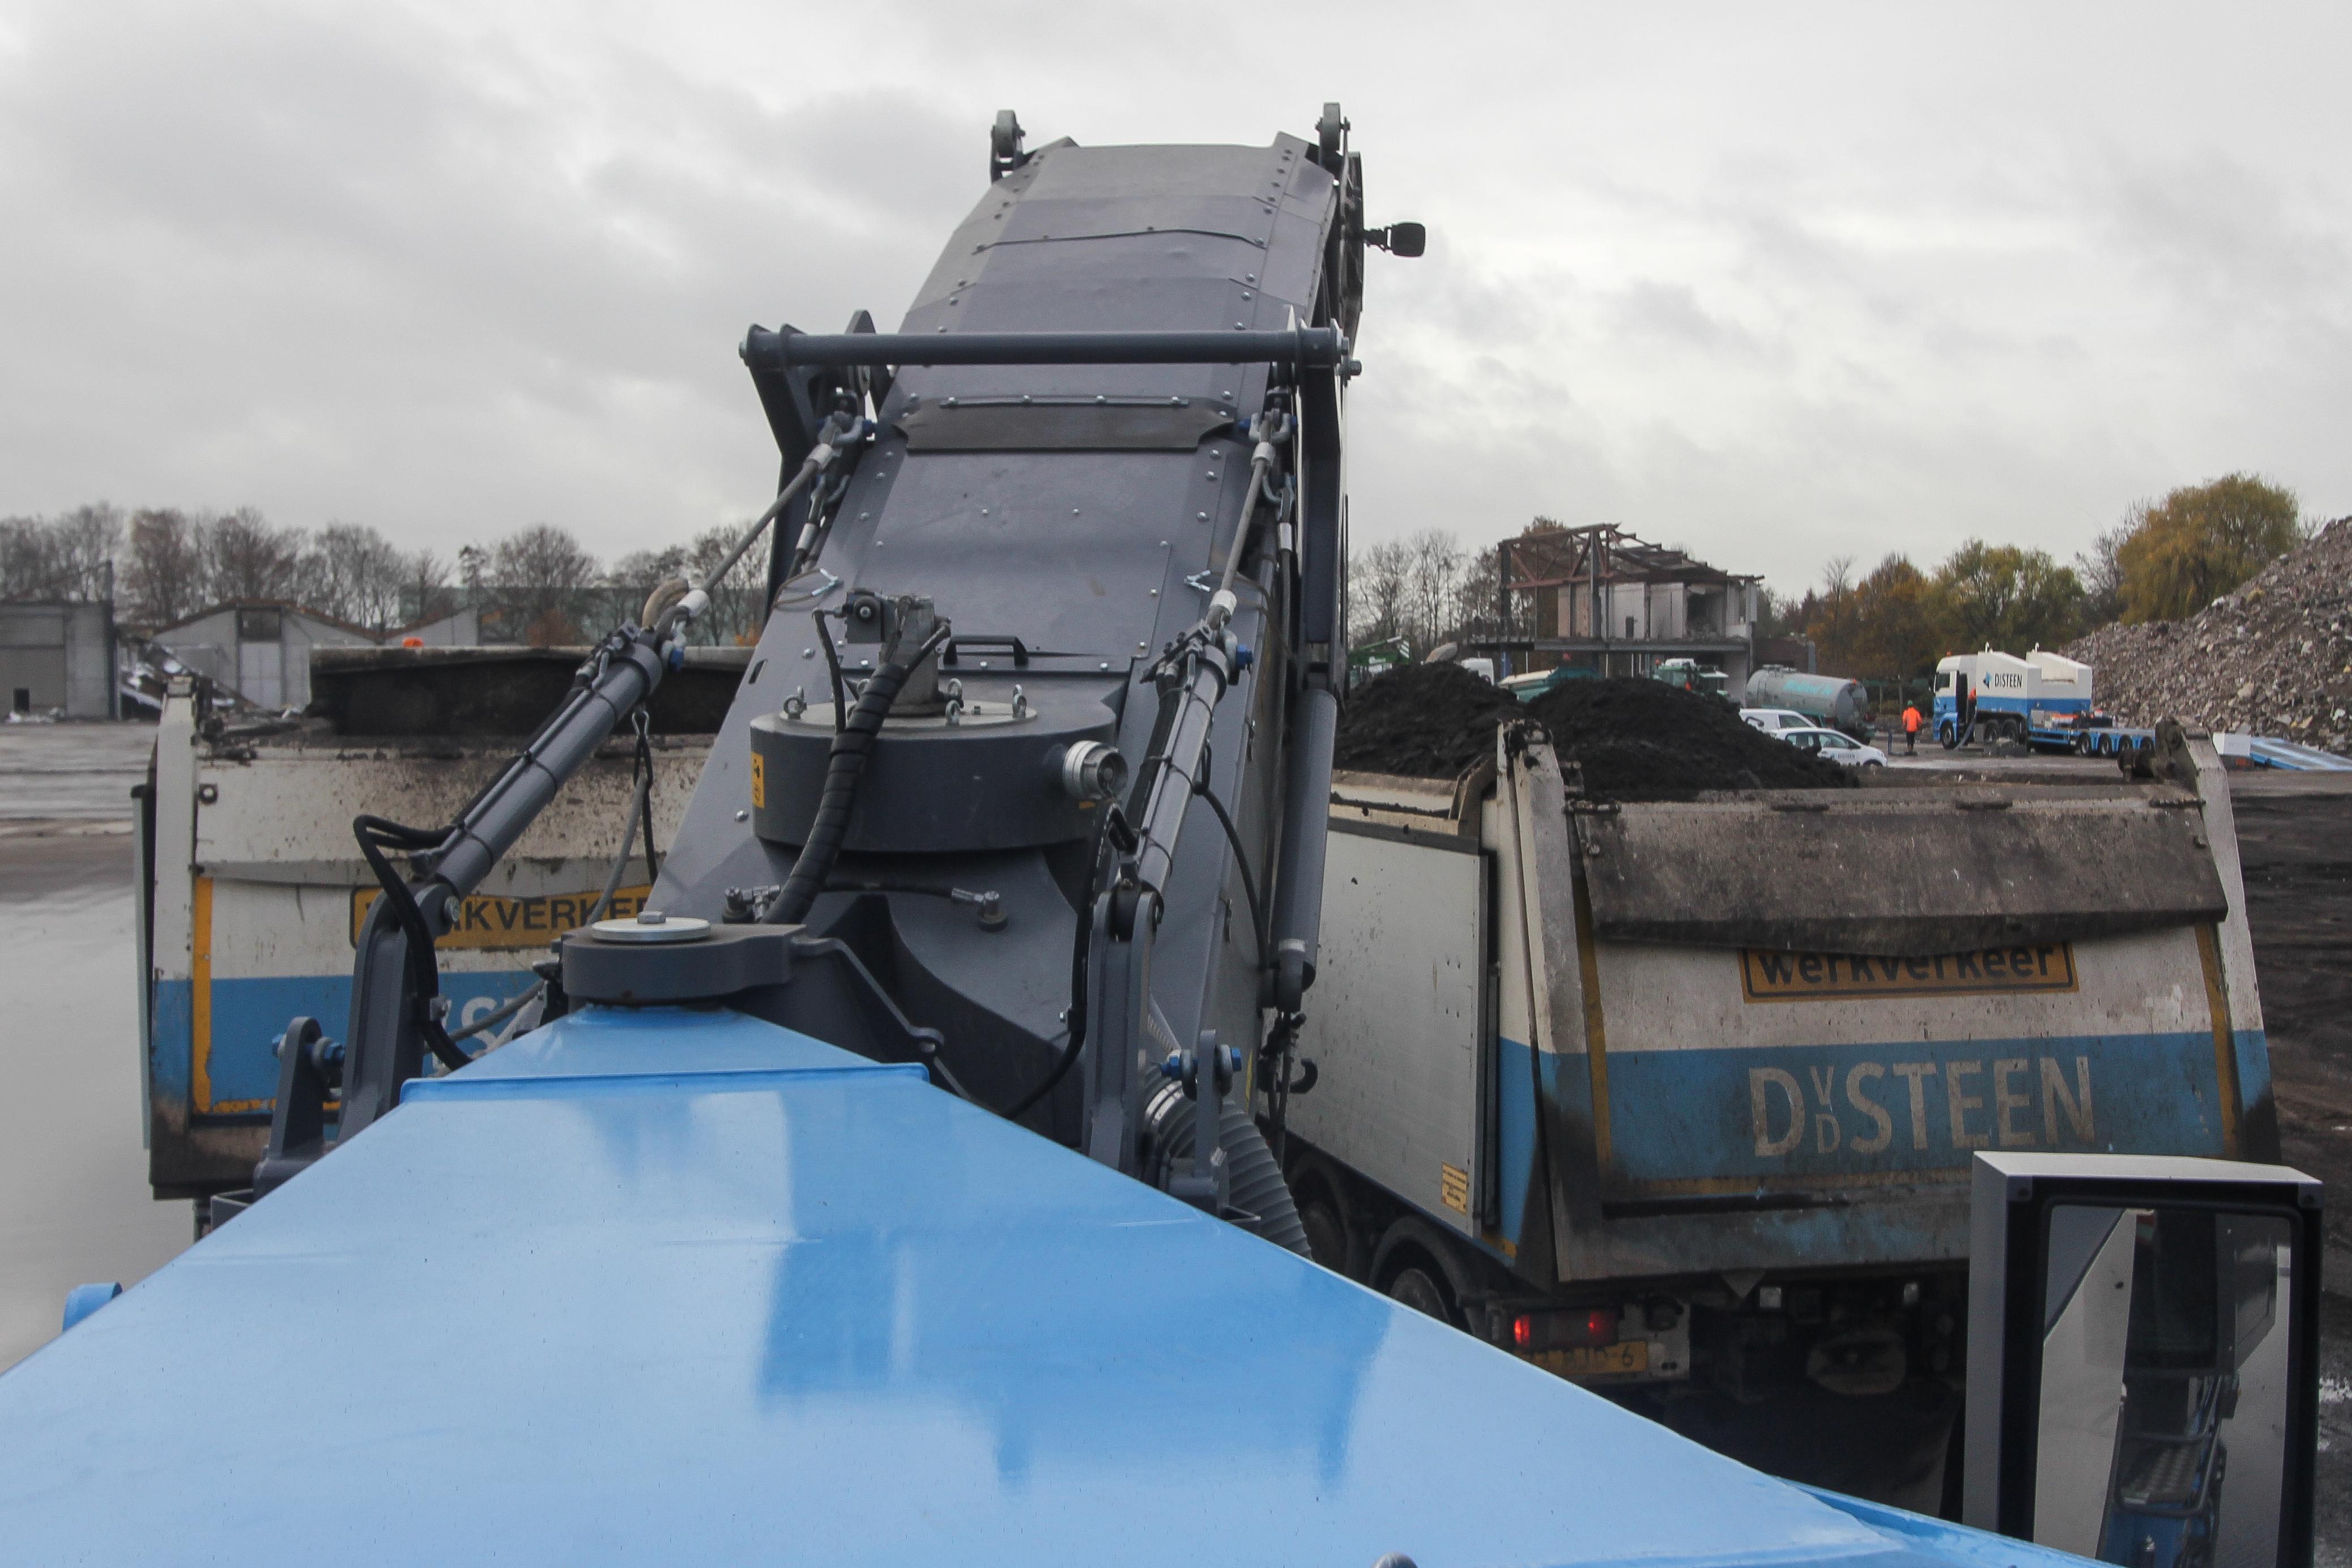 <p>Het frezen gaat continu door. Ook tijdens het wisselen van de vrachtwagens, dan zet Van Peperstraten de afvoerband even stil en vult de freeskast zich tijdelijk.</p>